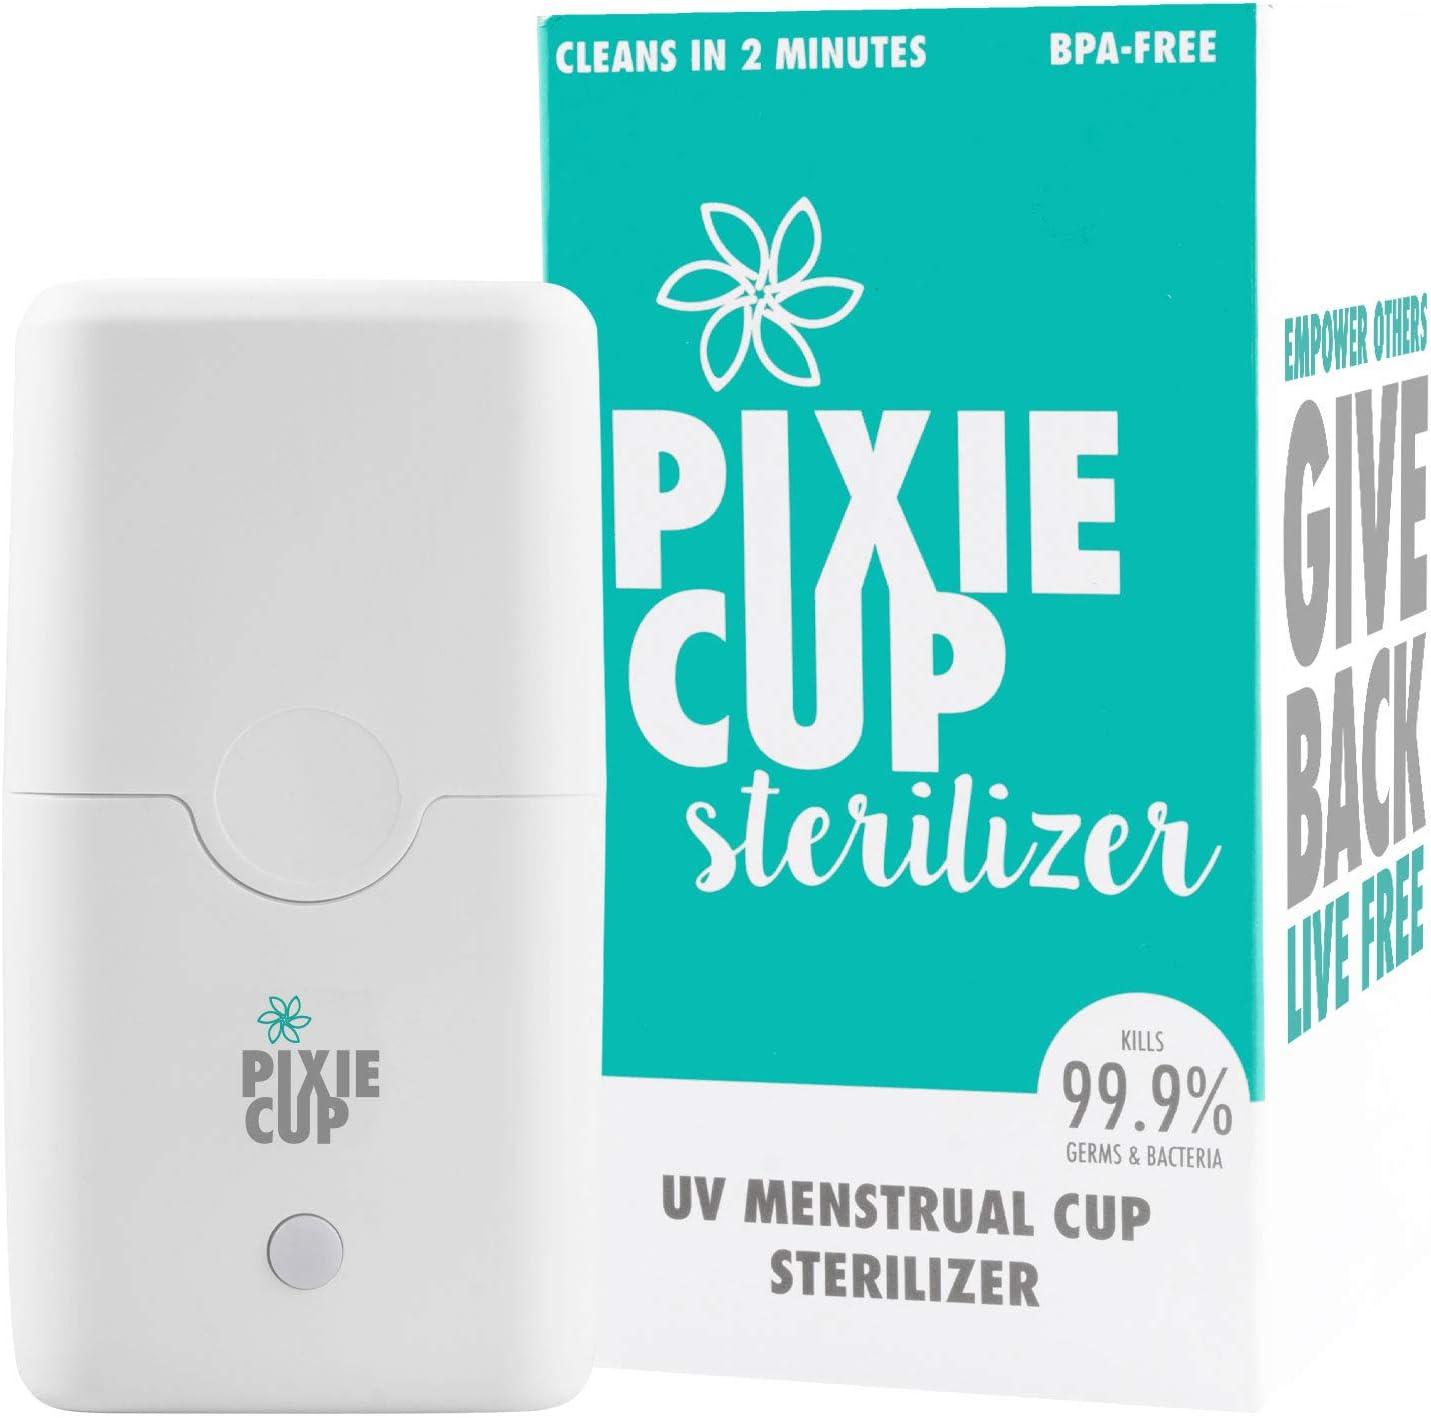 Esterilizador UV de copa menstrual Pixie – mata el 99,9% de los gérmenes con luz LED UV-C (sin olor) – 2 minutos y tu taza de período es estéril.